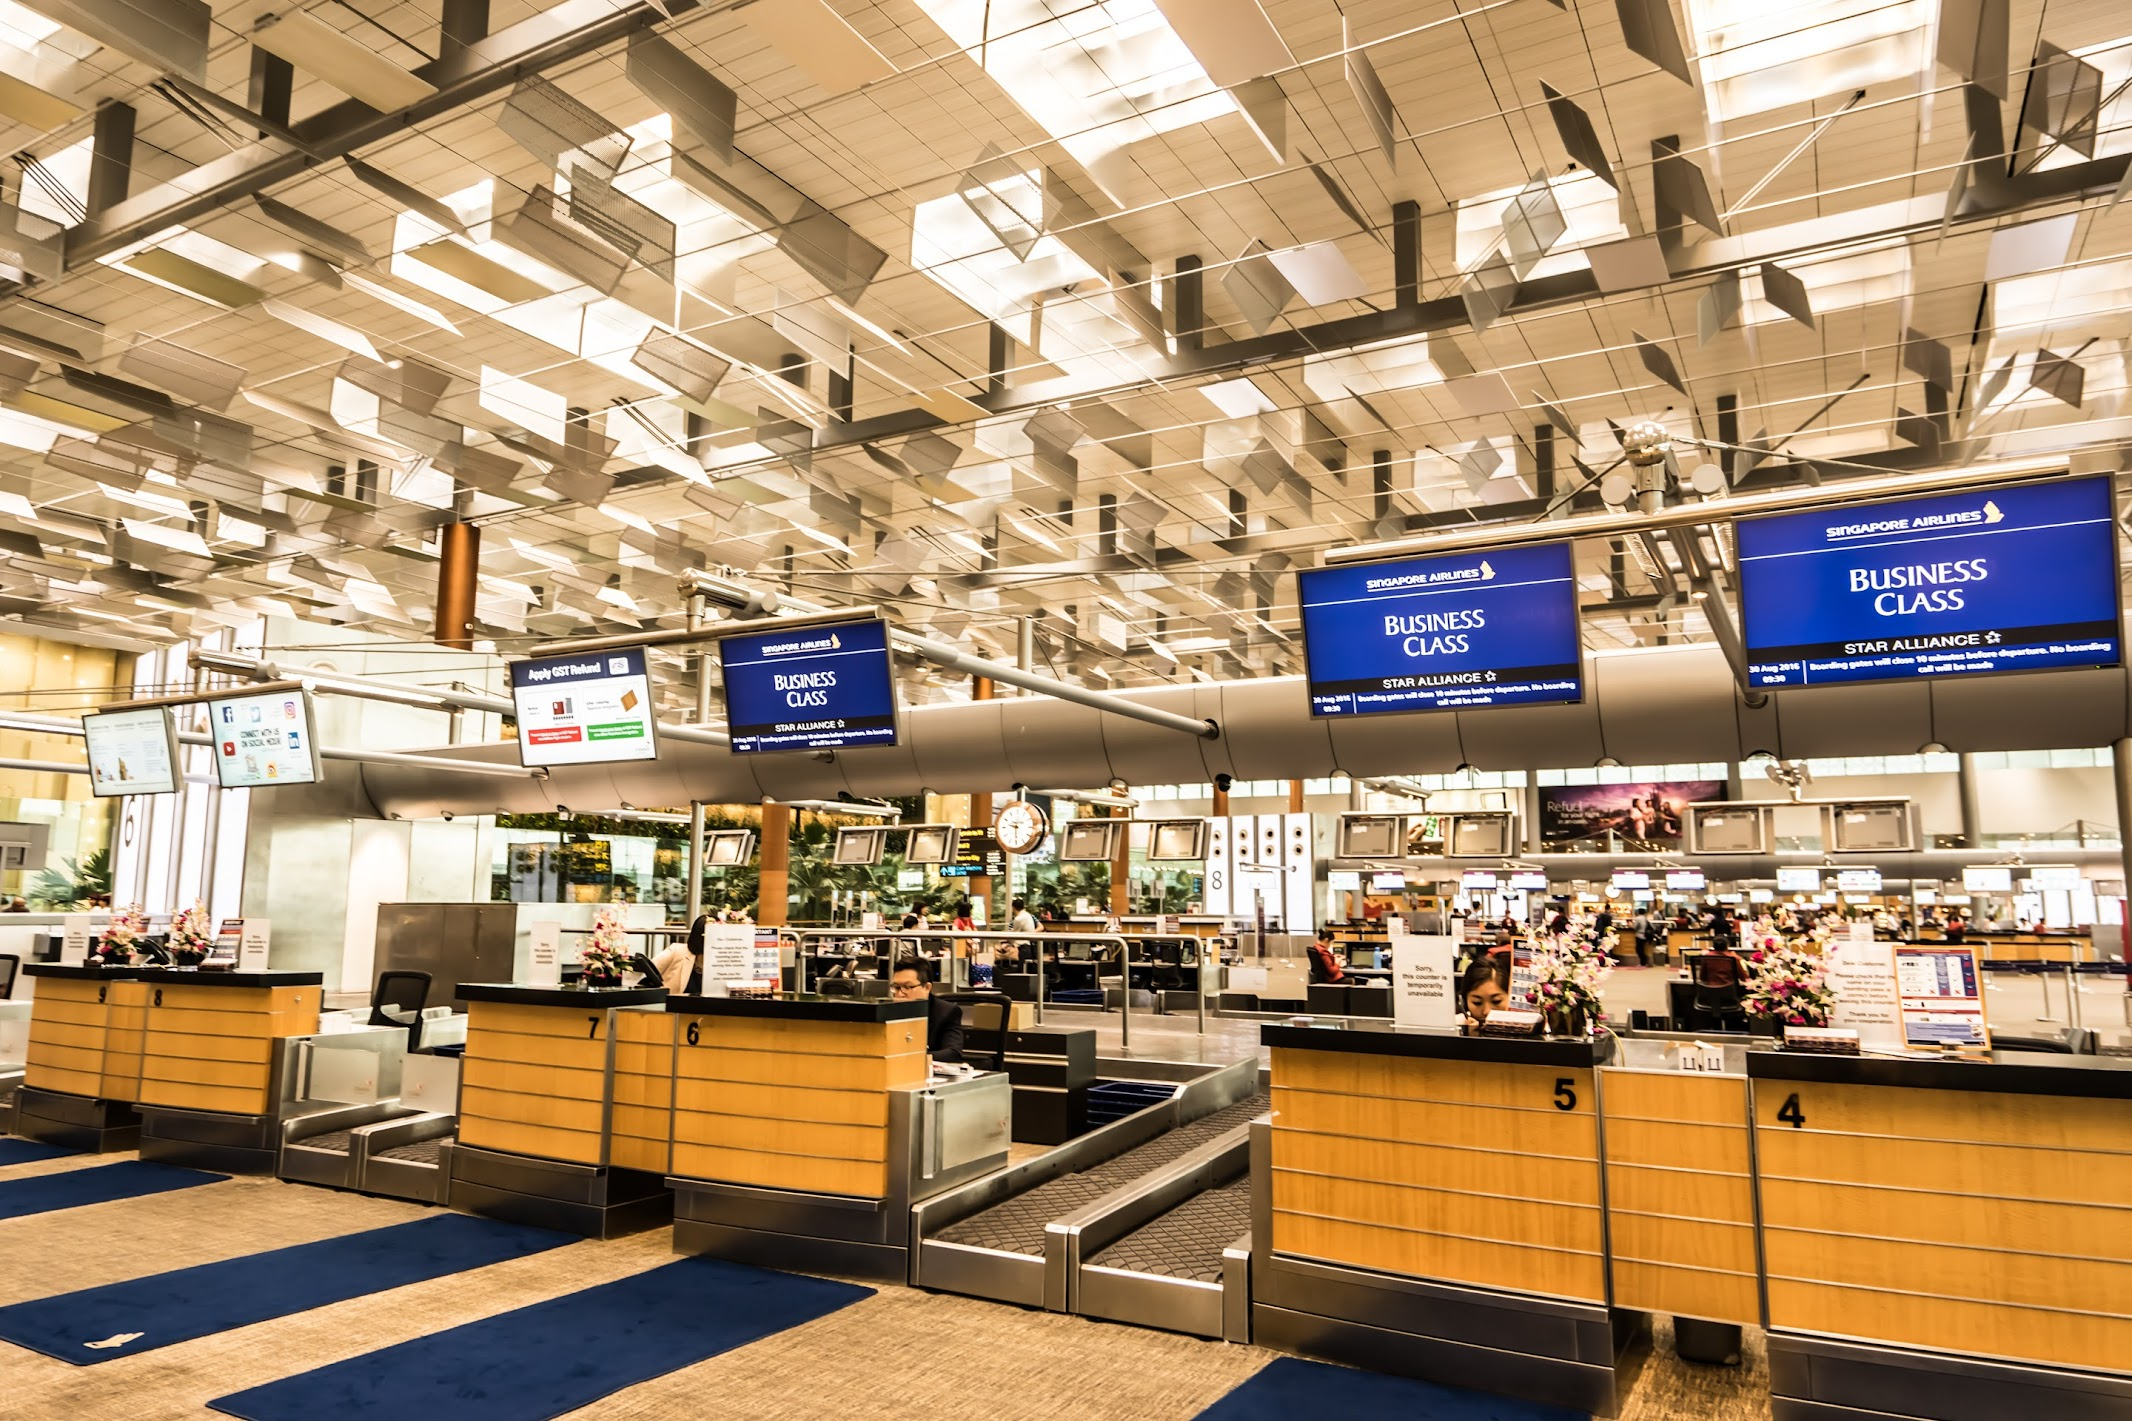 シンガポール航空 チャンギ空港 カウンター